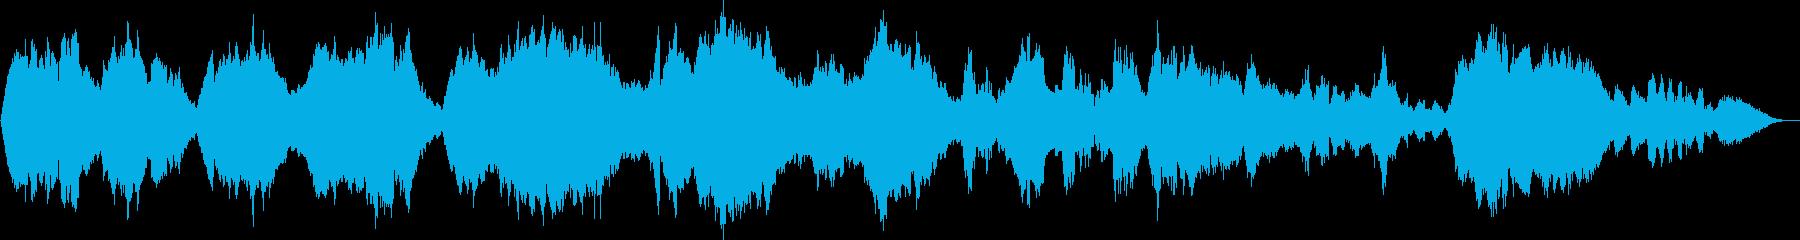 クラリネット五重奏曲第2楽章(抜粋)の再生済みの波形